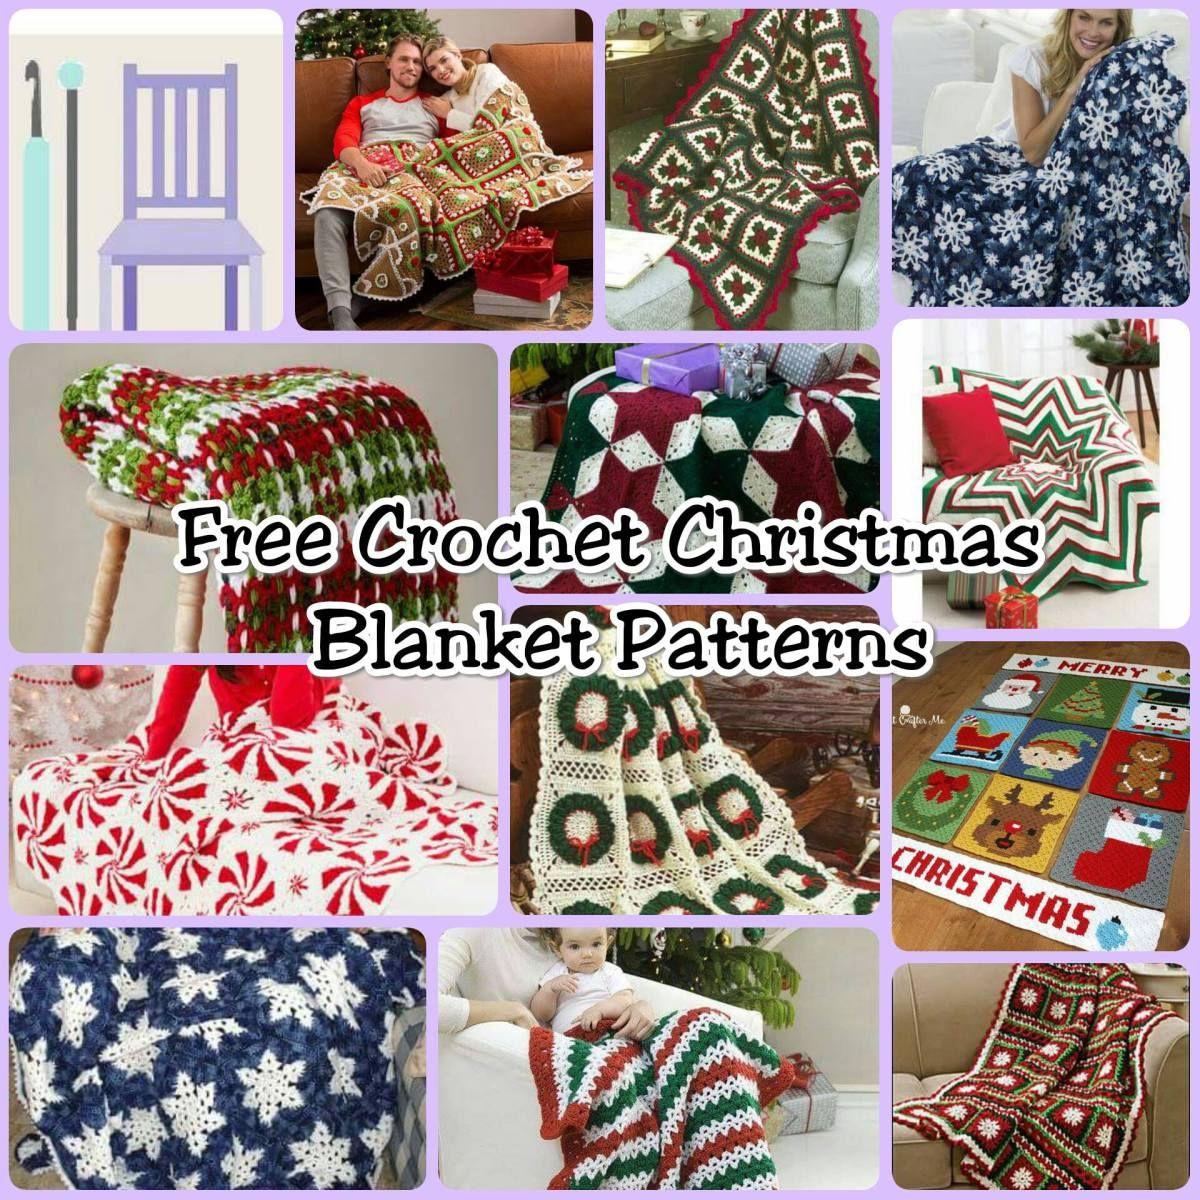 Free Christmas Blanket Crochet Patterns Crochet Pinterest